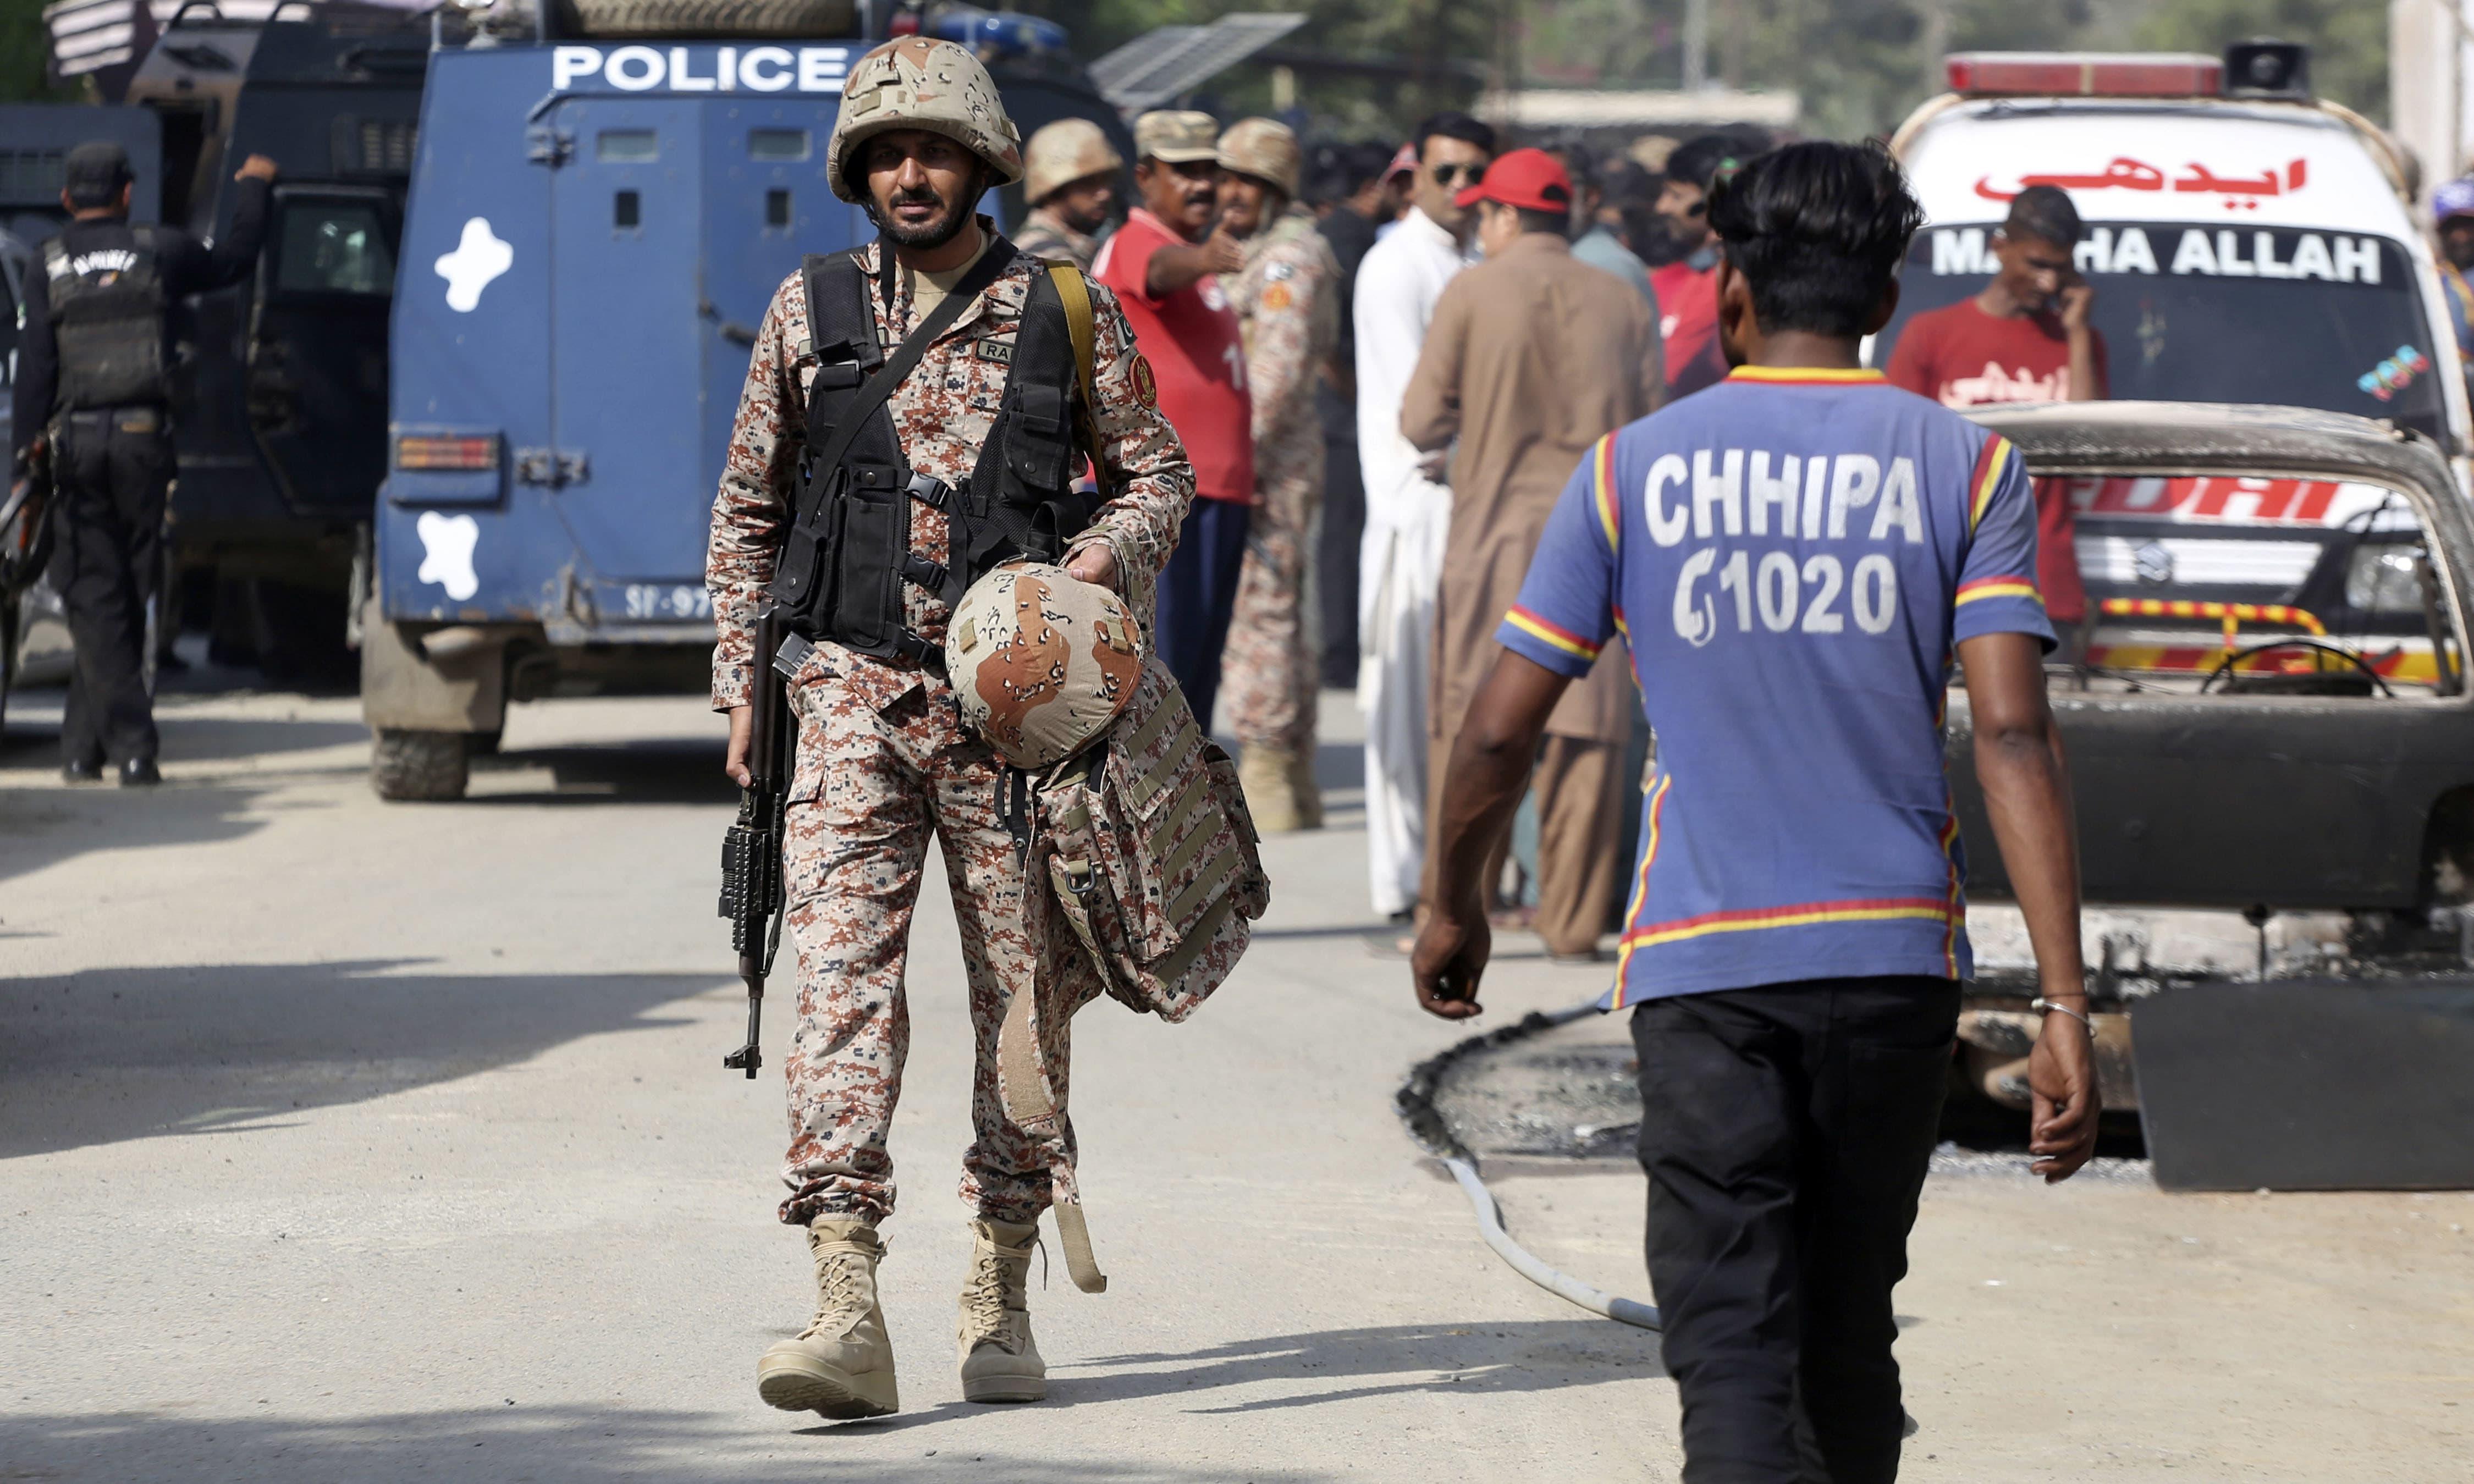 واقعے میں 2 پولیس اہلکار شہید اور نجی کمپنی کا ایک سیکیورٹی گارڈ زخمی ہوا —فوٹو/ اے پی